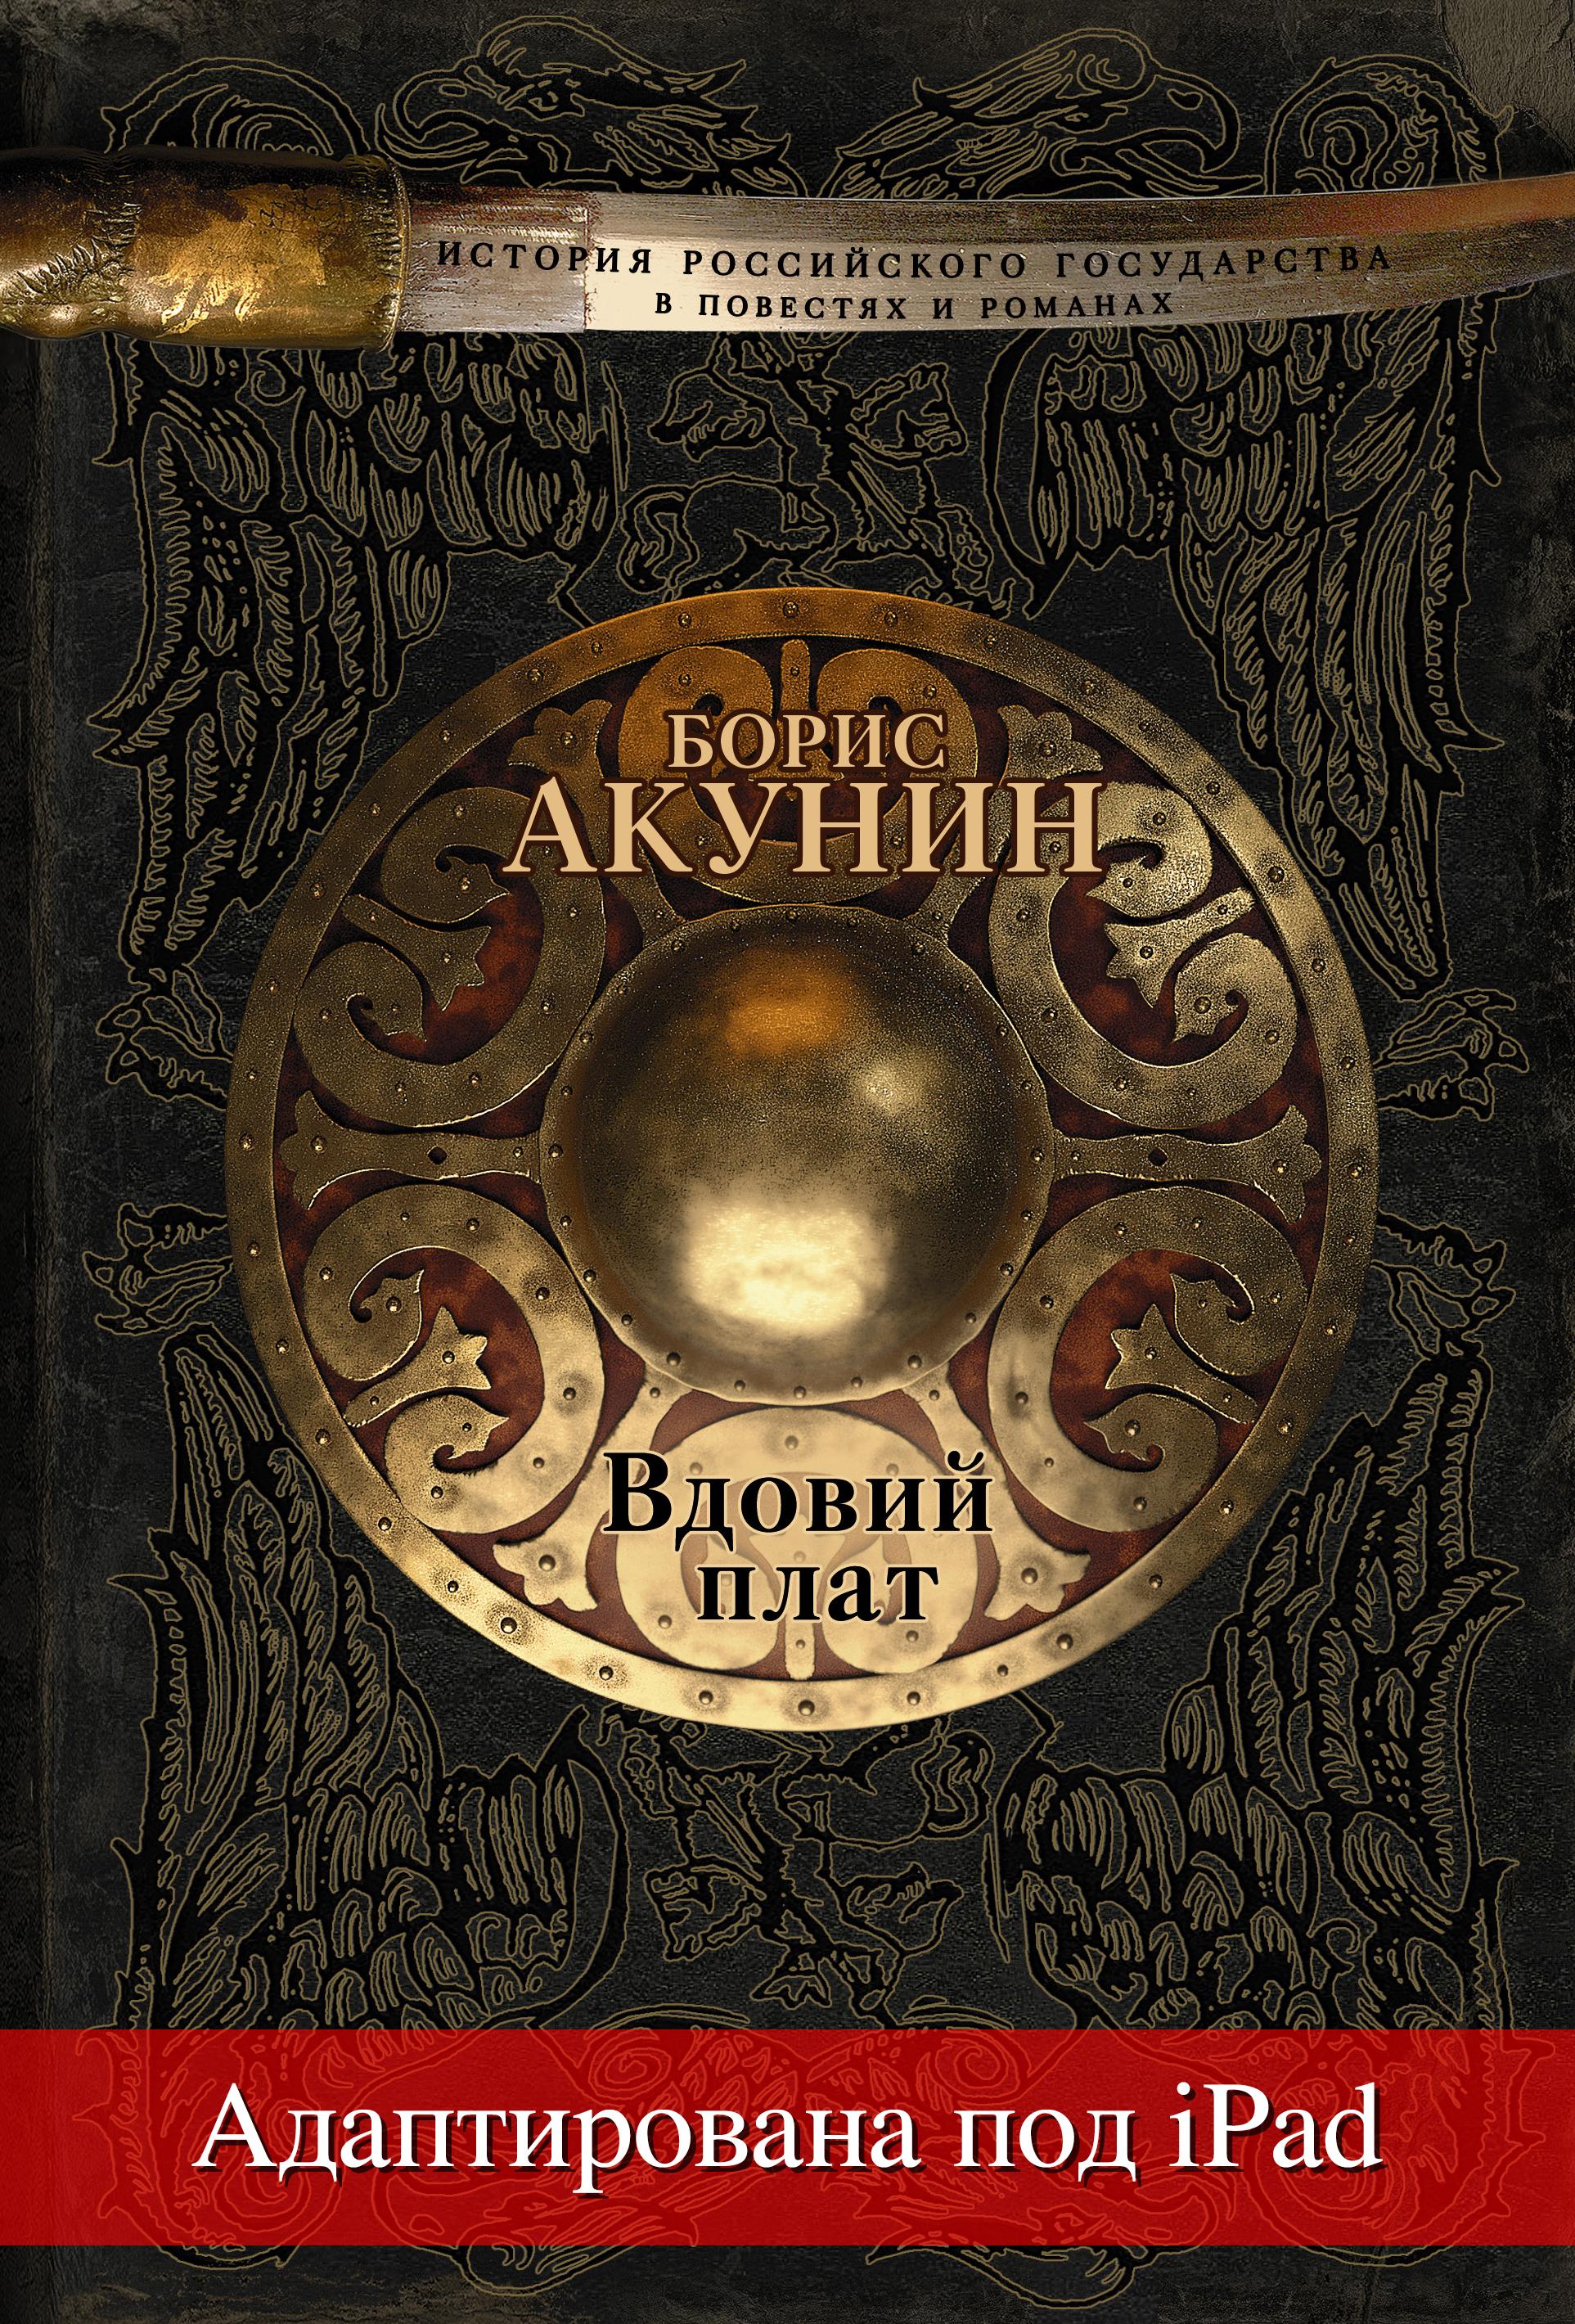 Борис Акунин Вдовий плат (адаптирована под iPad) борис акунин вдовий плат роман